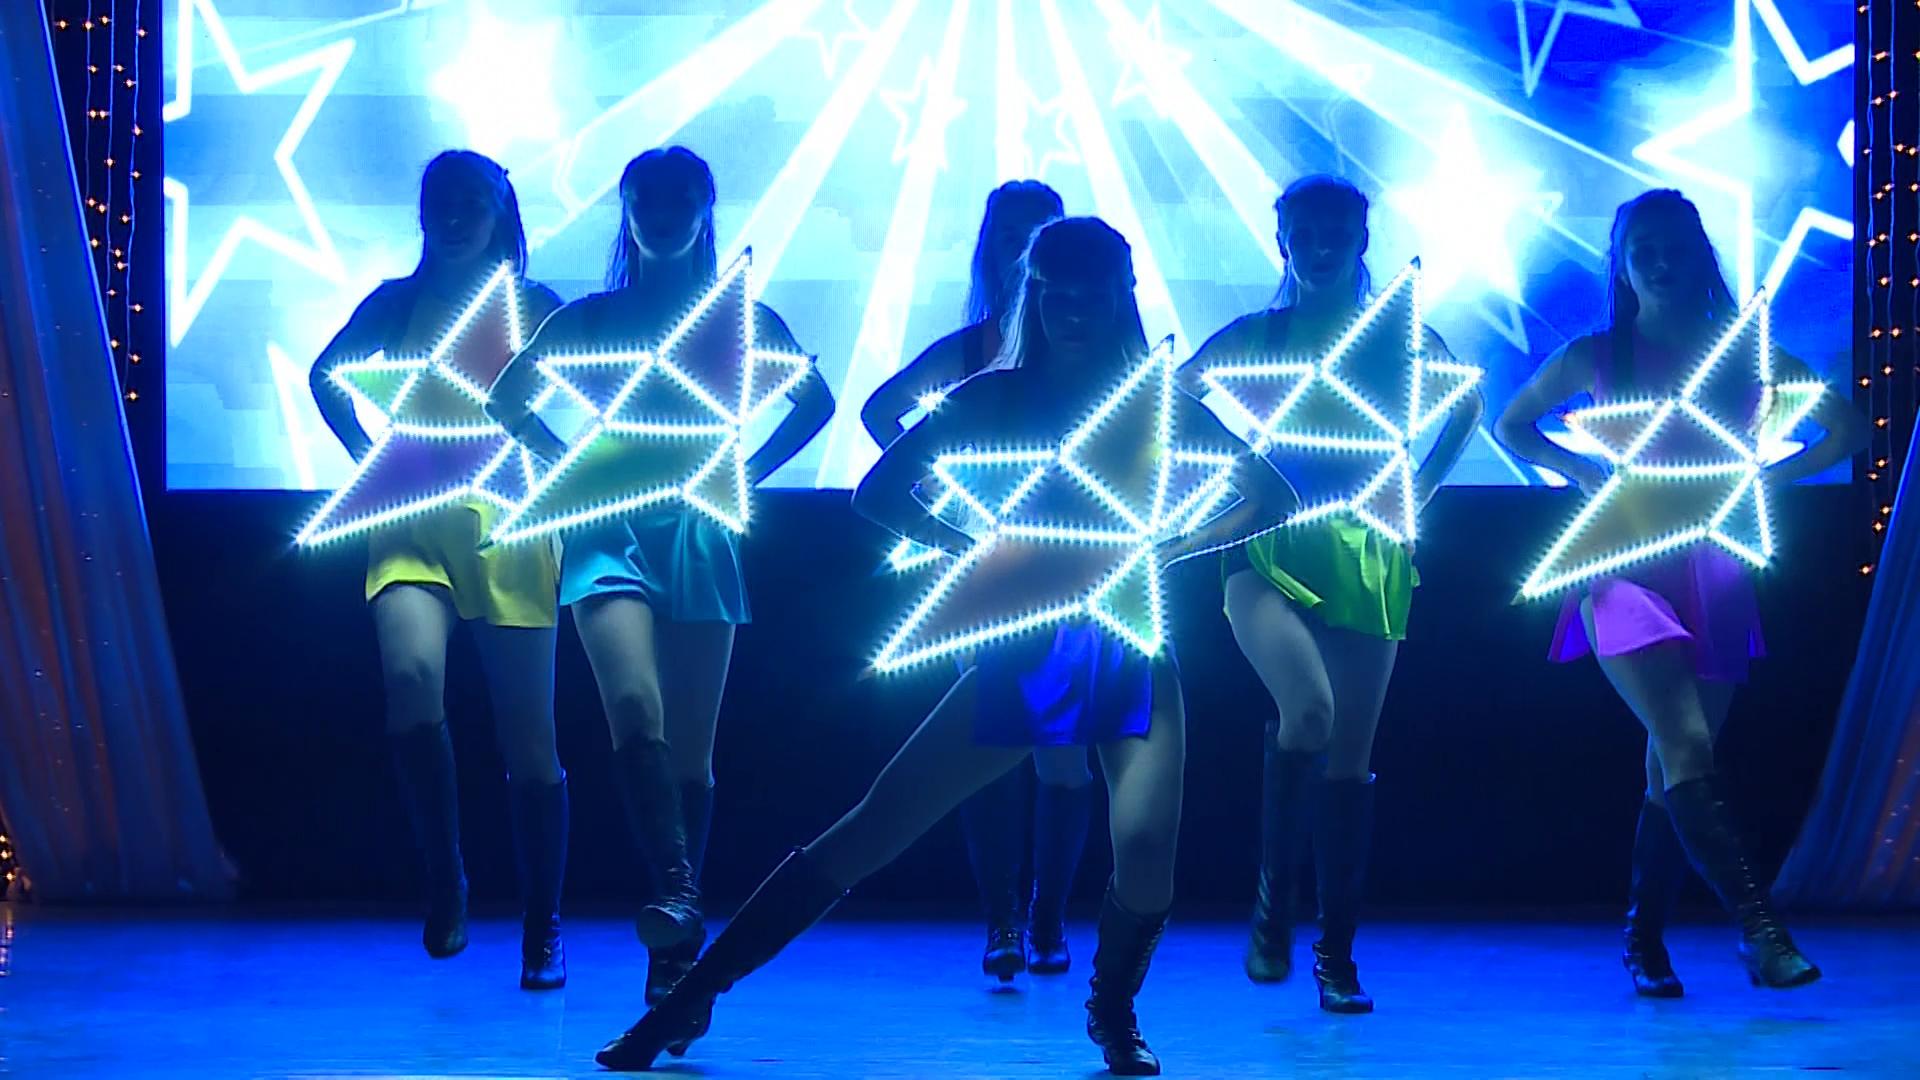 Вся жизнь – в ритме танца! Коллектив